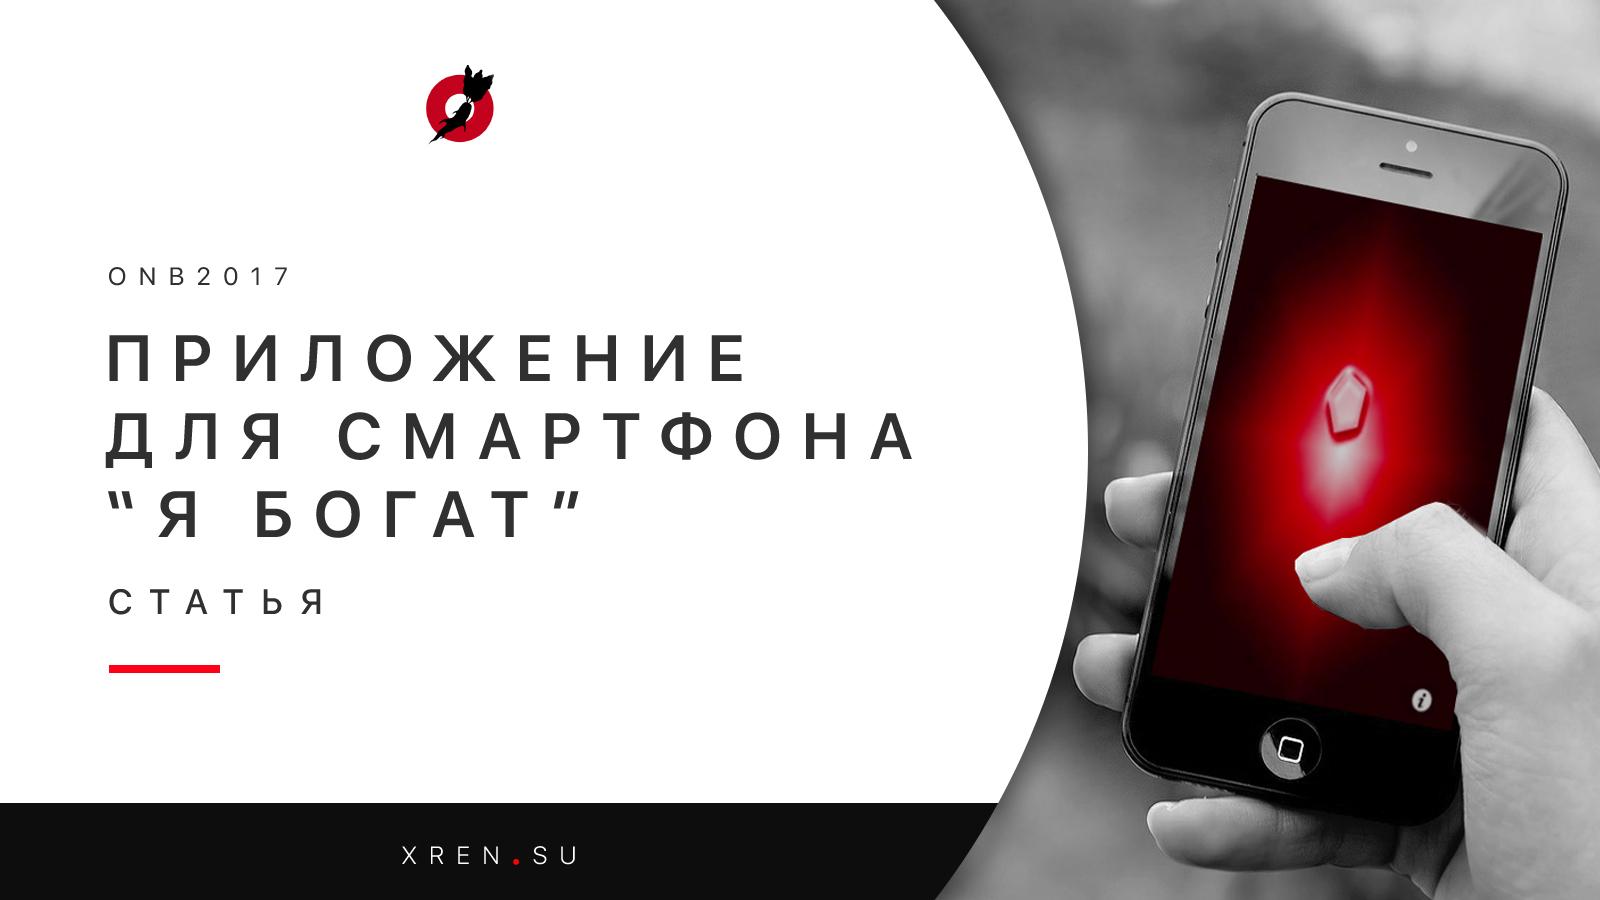 """Уникальное приложение для смартфона """"Я богат"""""""